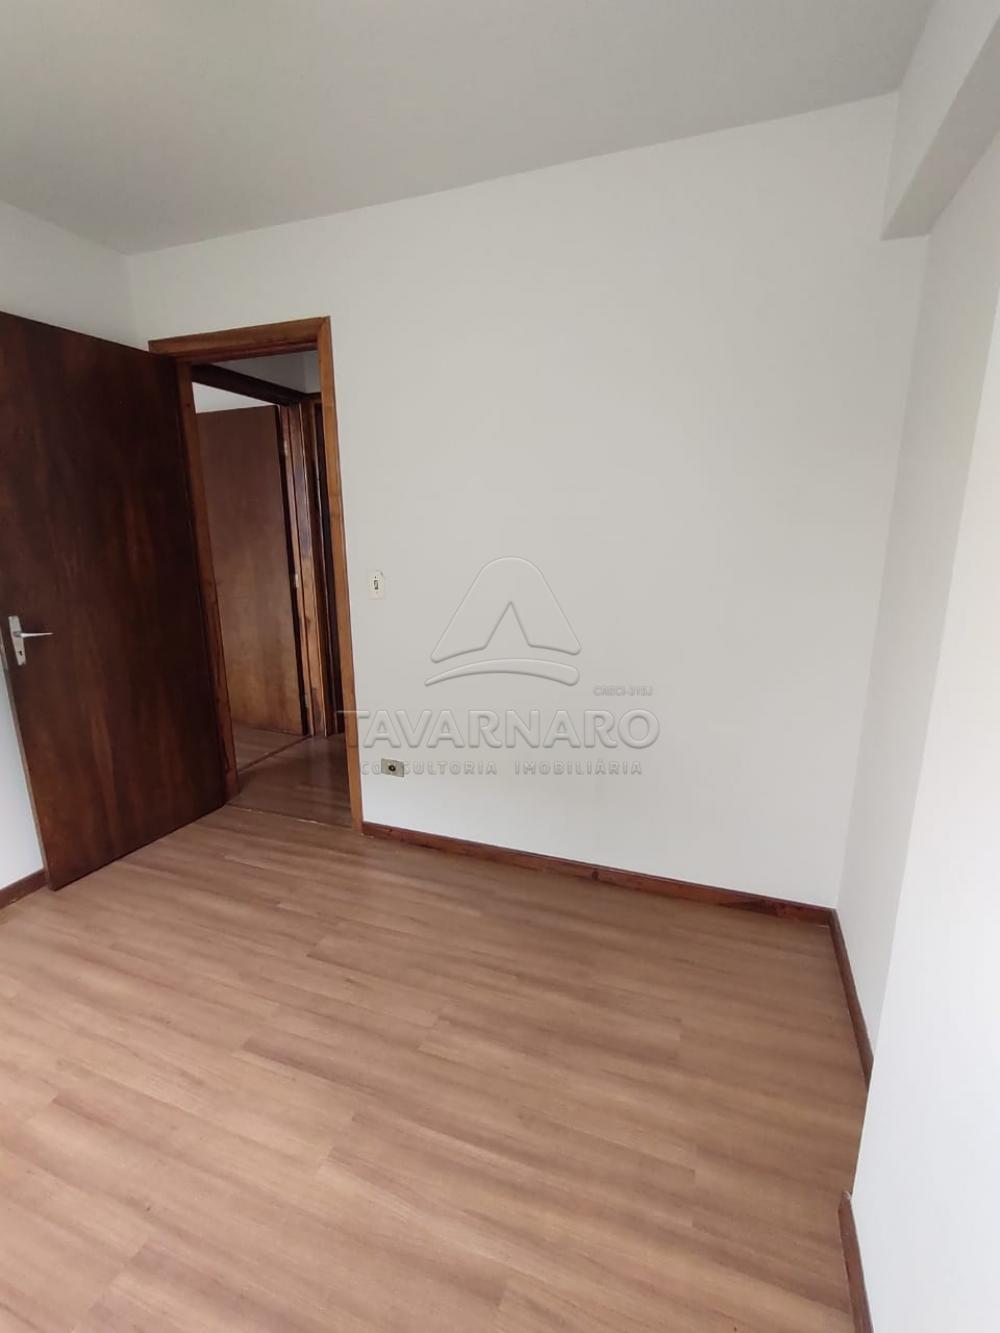 Alugar Apartamento / Padrão em Ponta Grossa R$ 750,00 - Foto 2